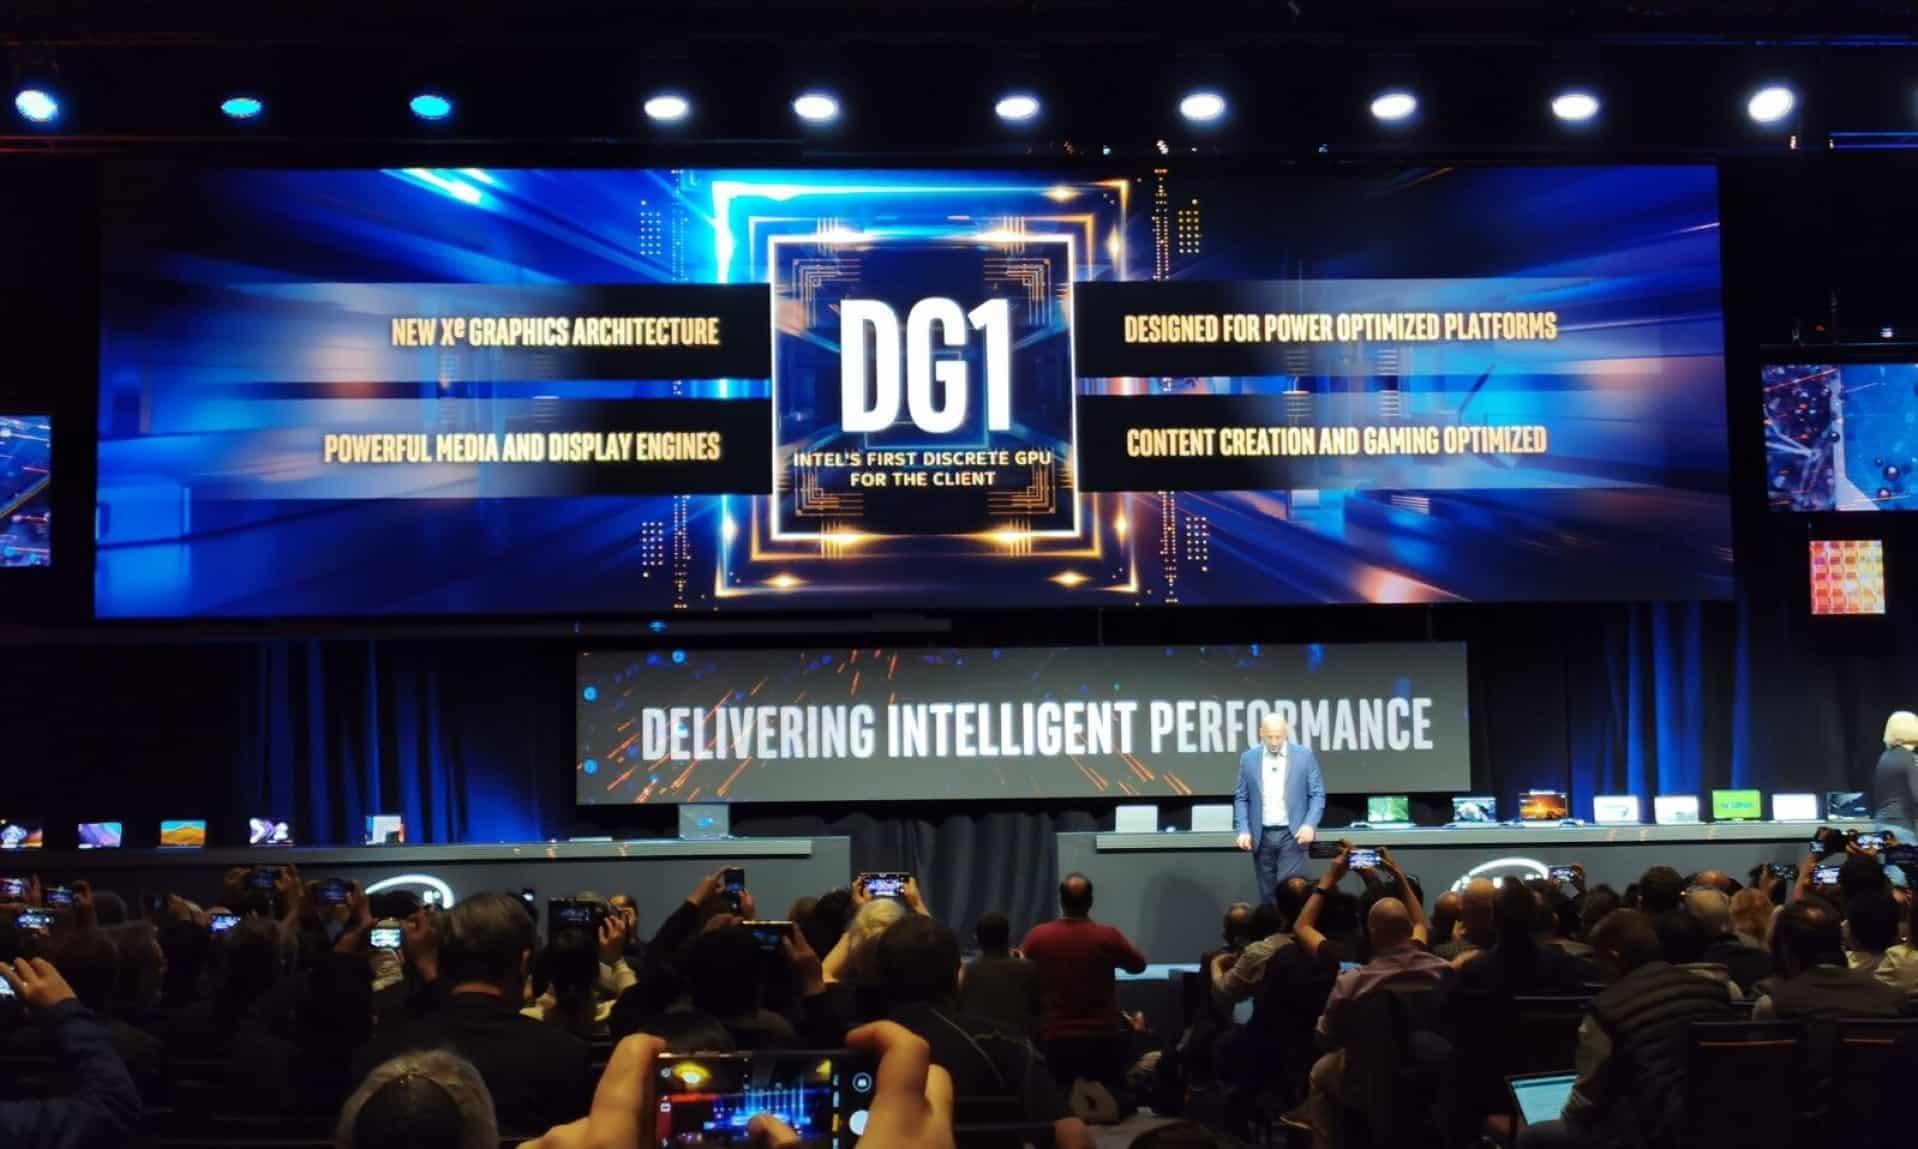 Intel showcased DG1 GPU at CES 2020 event